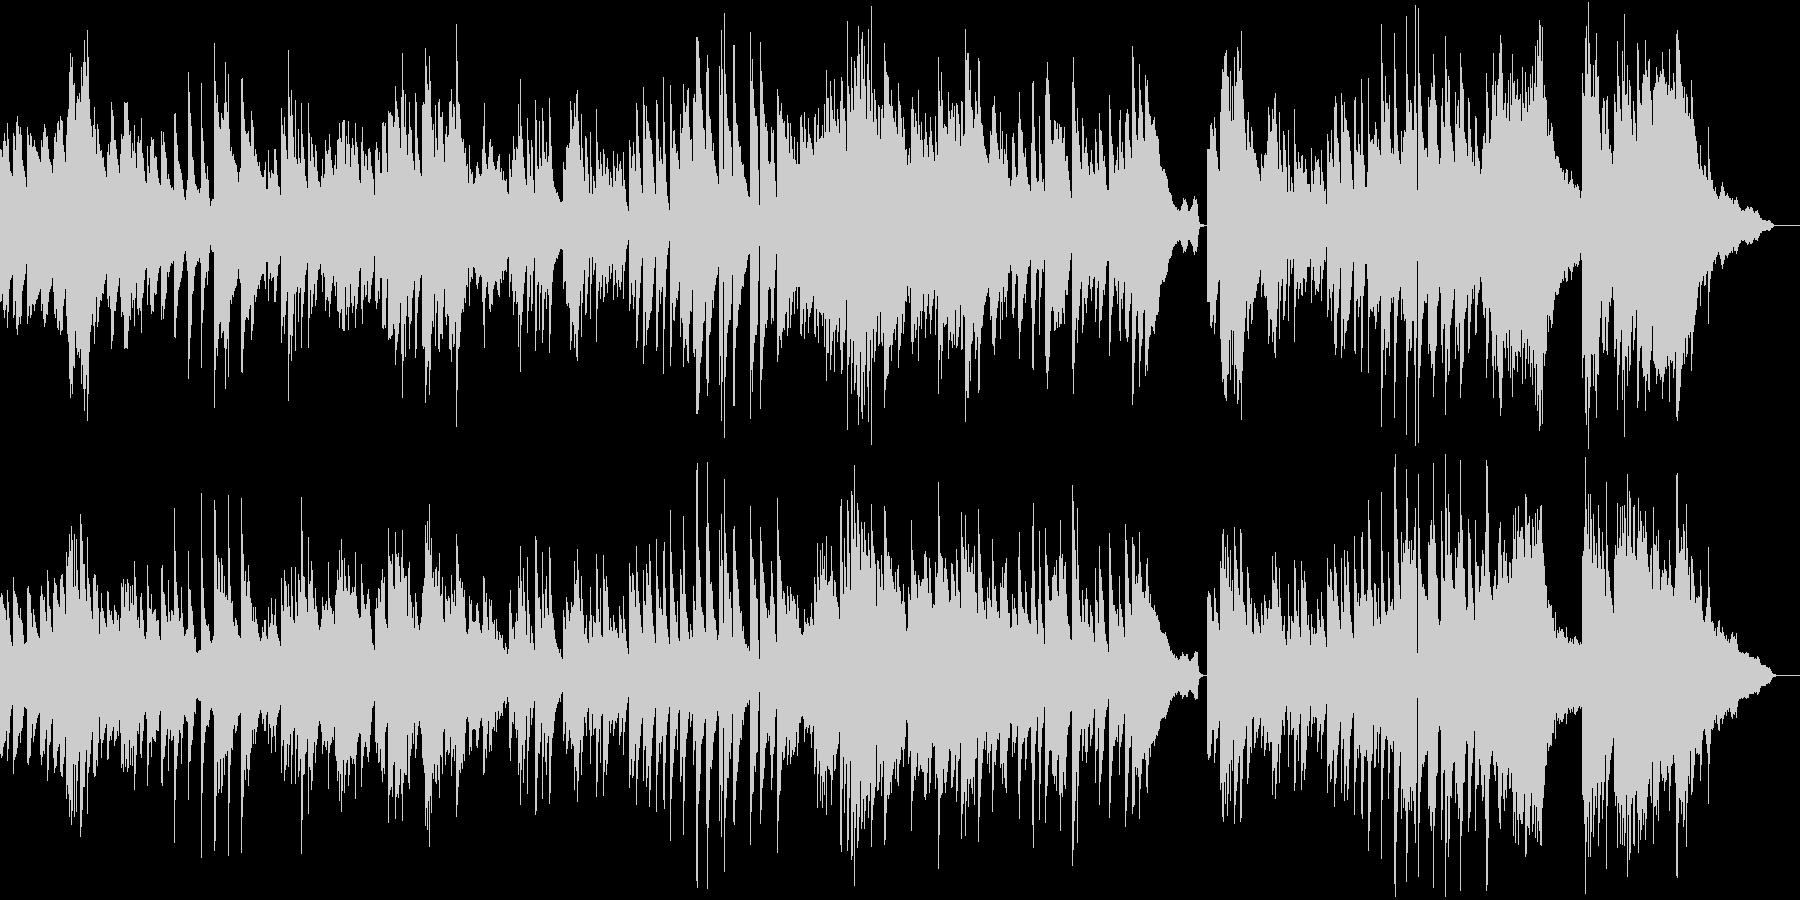 生ピアノとアンビエントの印象的なバラードの未再生の波形